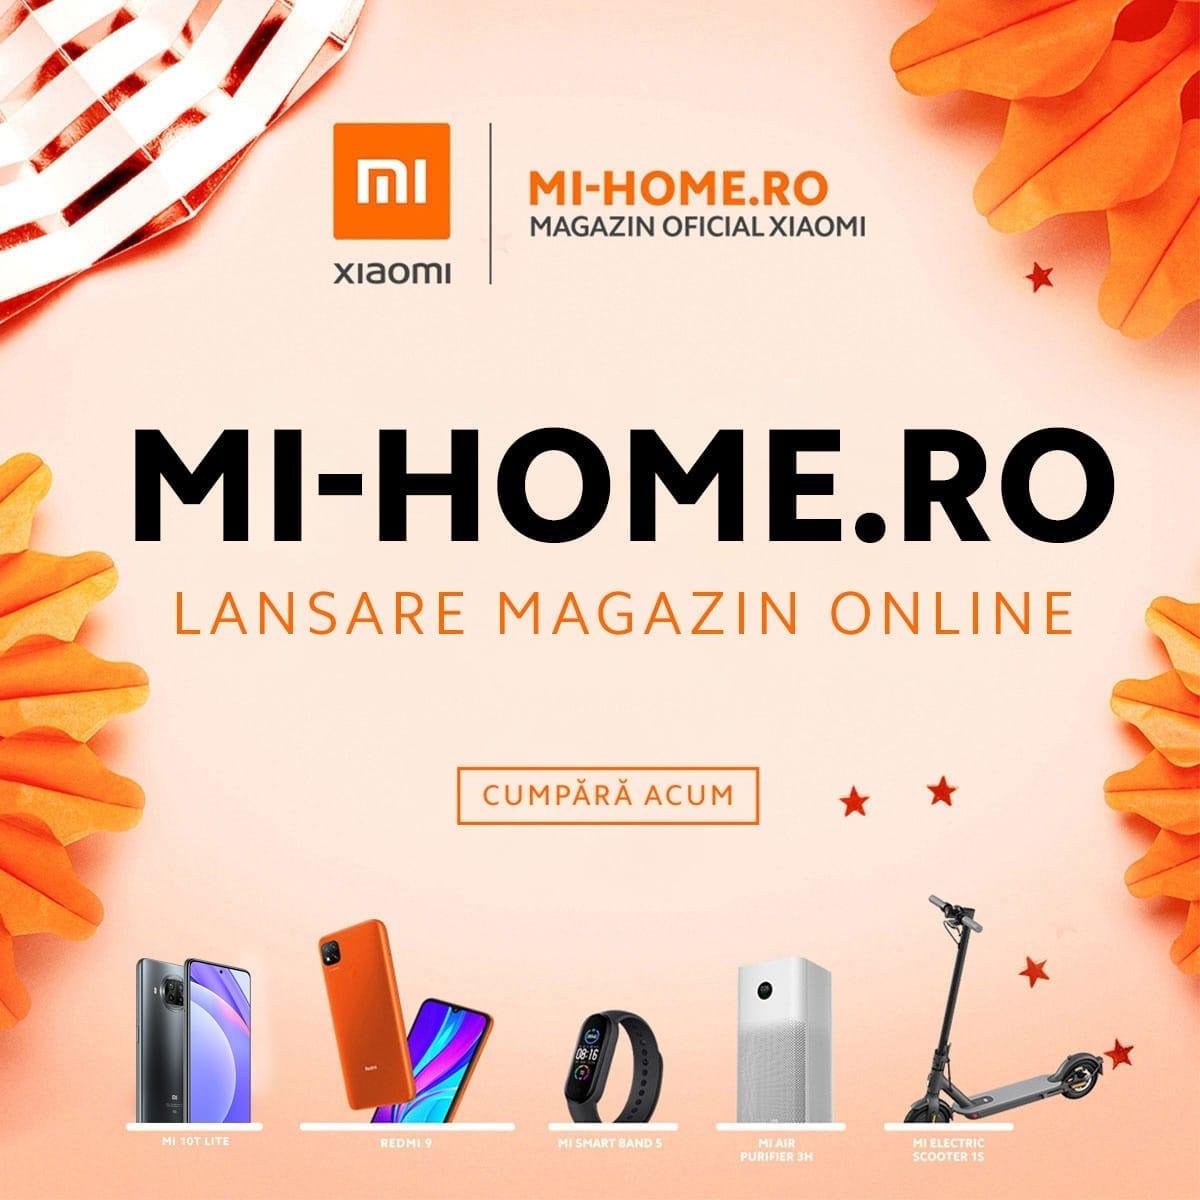 Xiaomi lansează În România magazinul oficial Mi-home